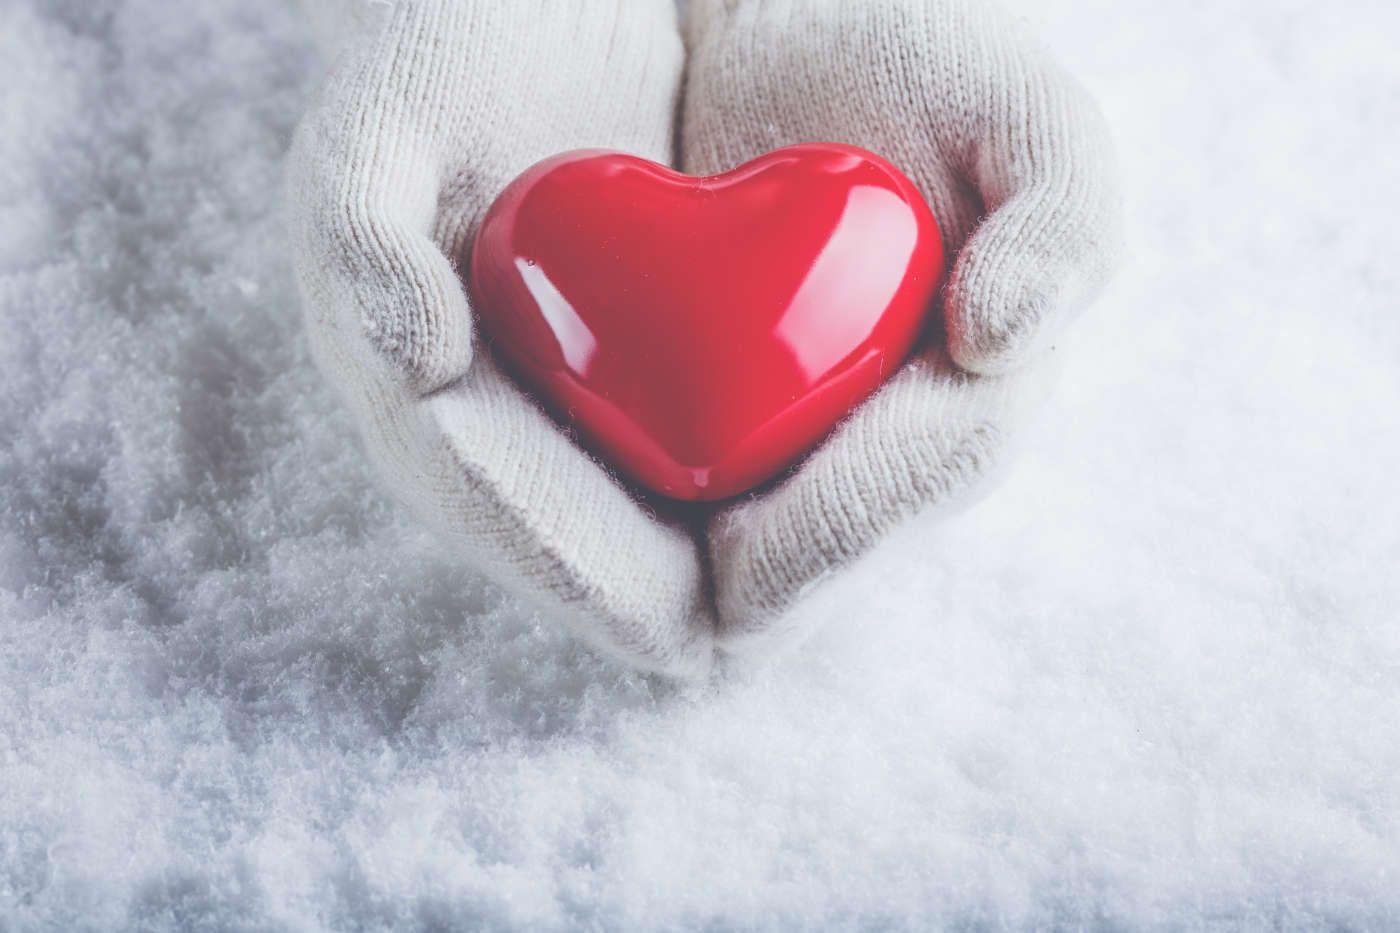 Imagenes navideñas de corazones para fondo de pantalla